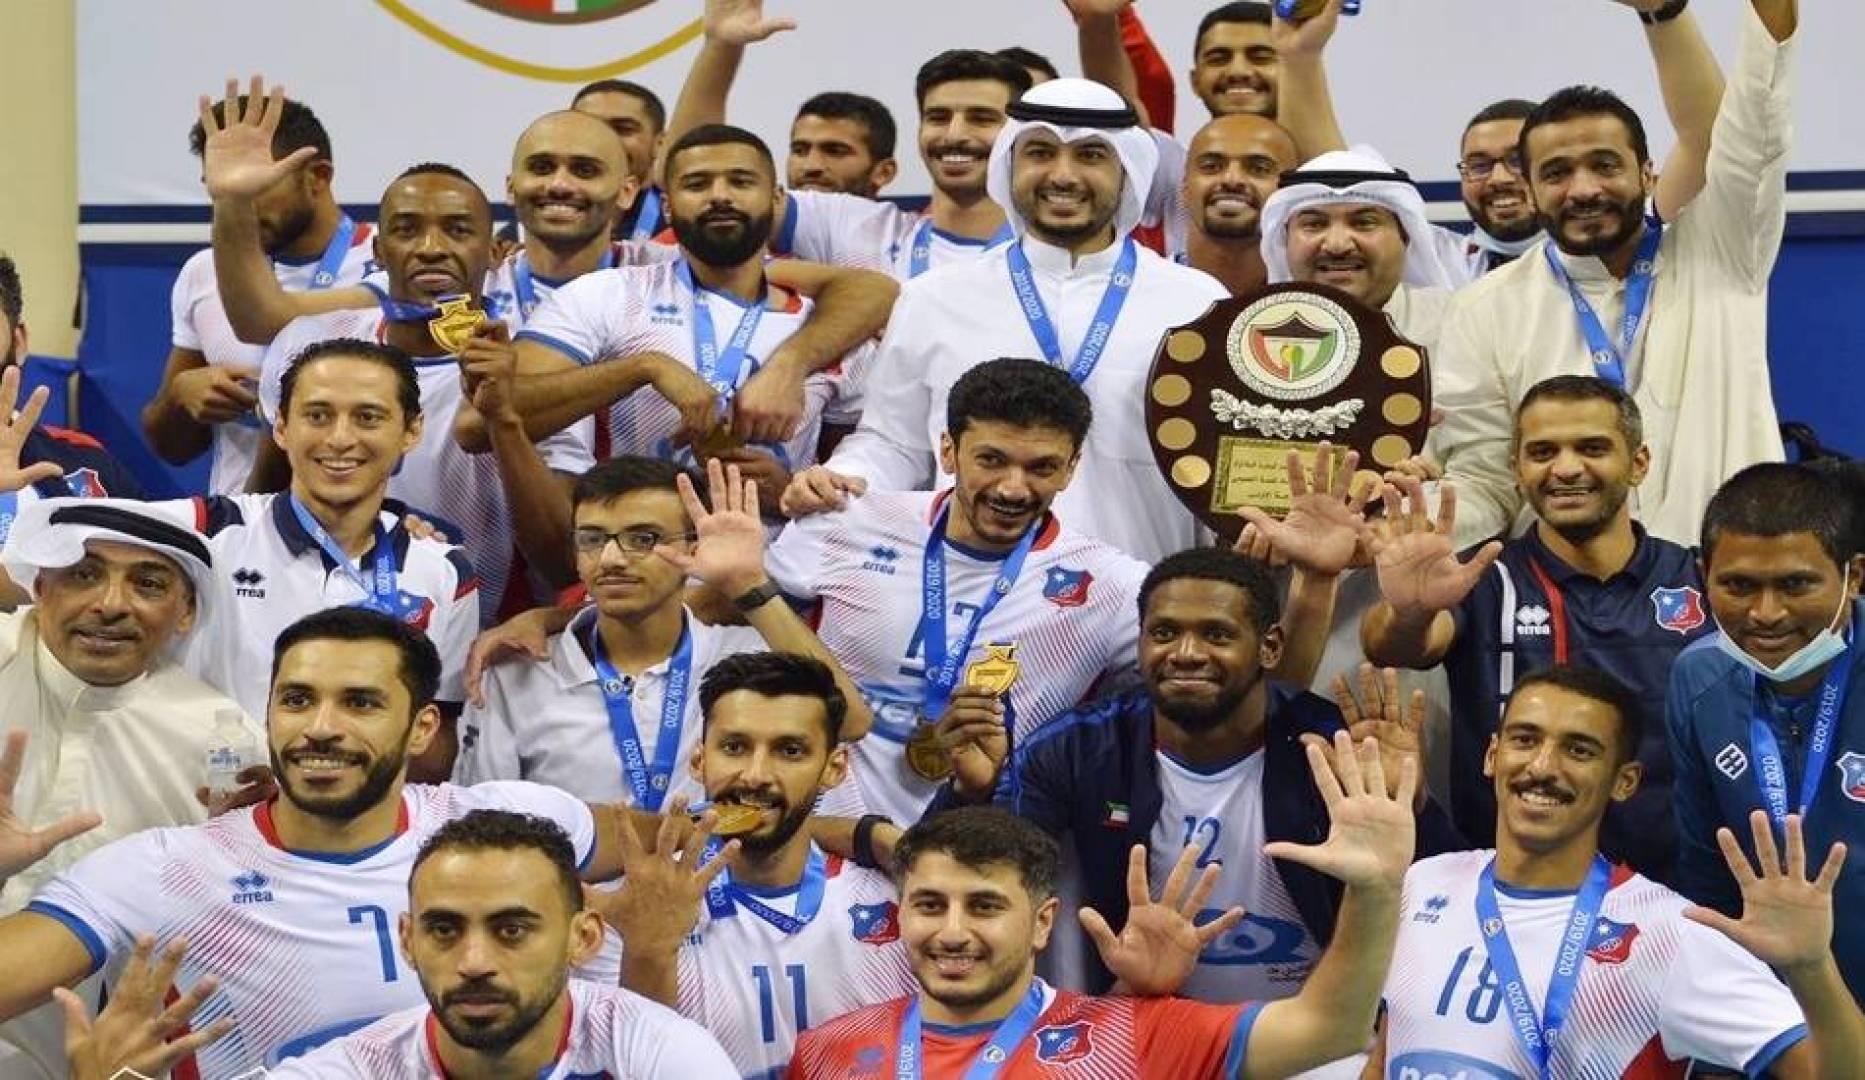 نادي «الكويت» يتغلب على «كاظمة».. ويتوّج بلقب دوري الطائرة